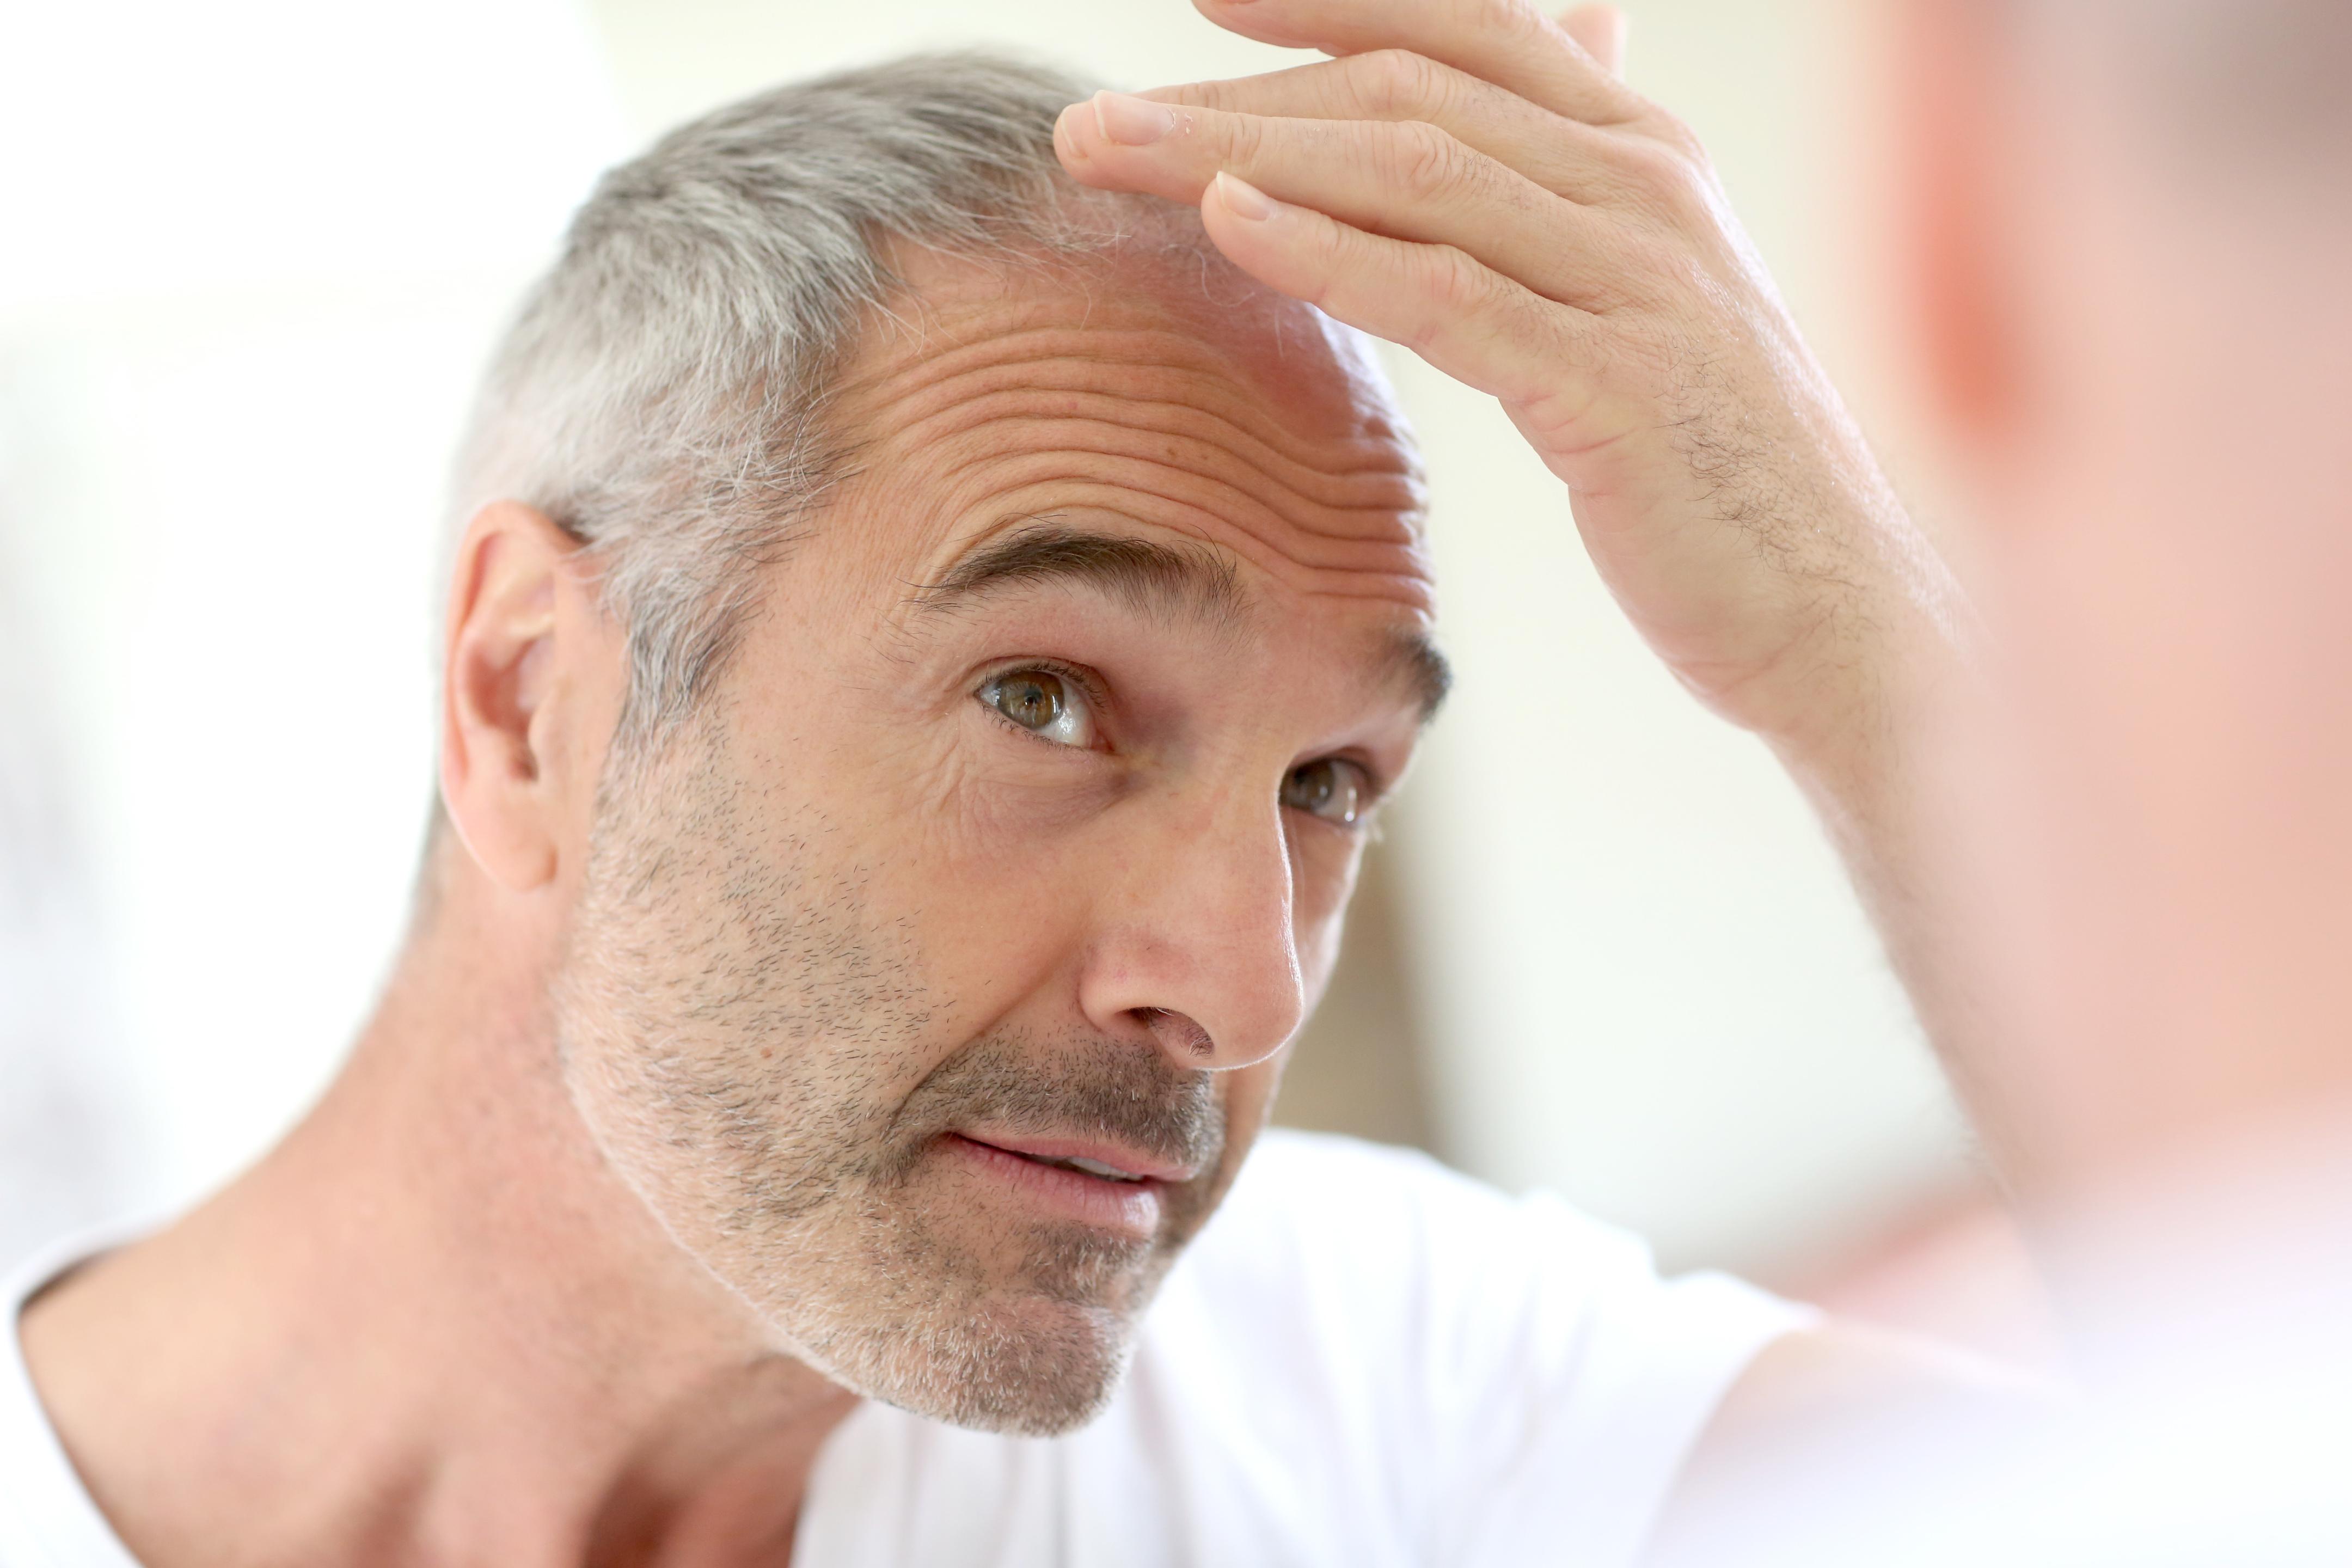 Cacher sa perte de cheveux: comment faire?